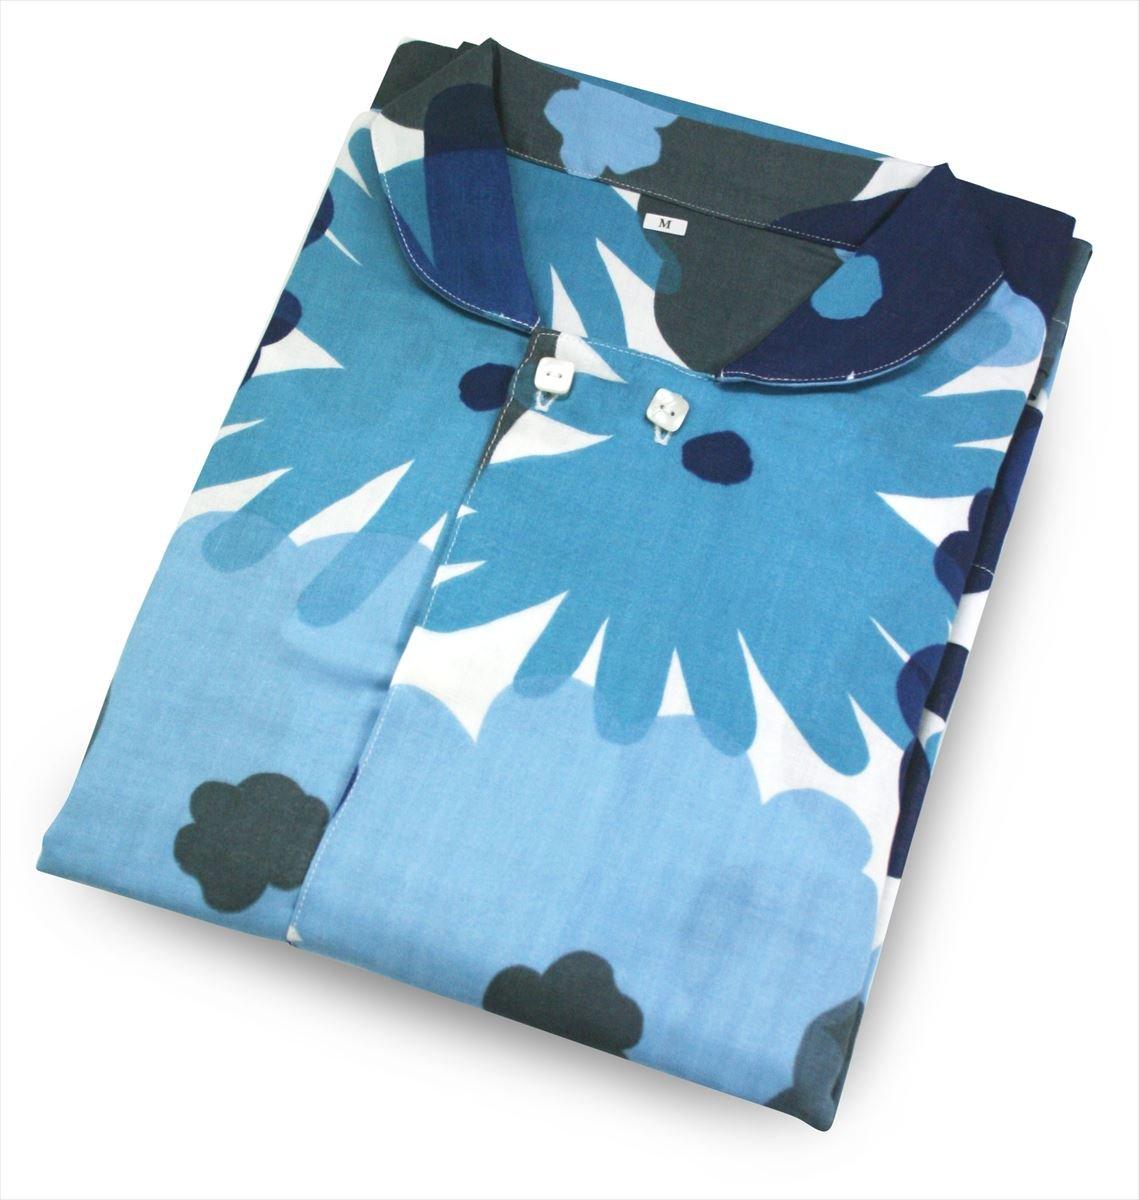 【ロマンス小杉】 SOUSOU 日本製 レディースパジャマ (M) おおらかとりどり/ブルー 1-2430-1202-7700 B06Y1NJ7WR Mサイズ|ブルー ブルー Mサイズ